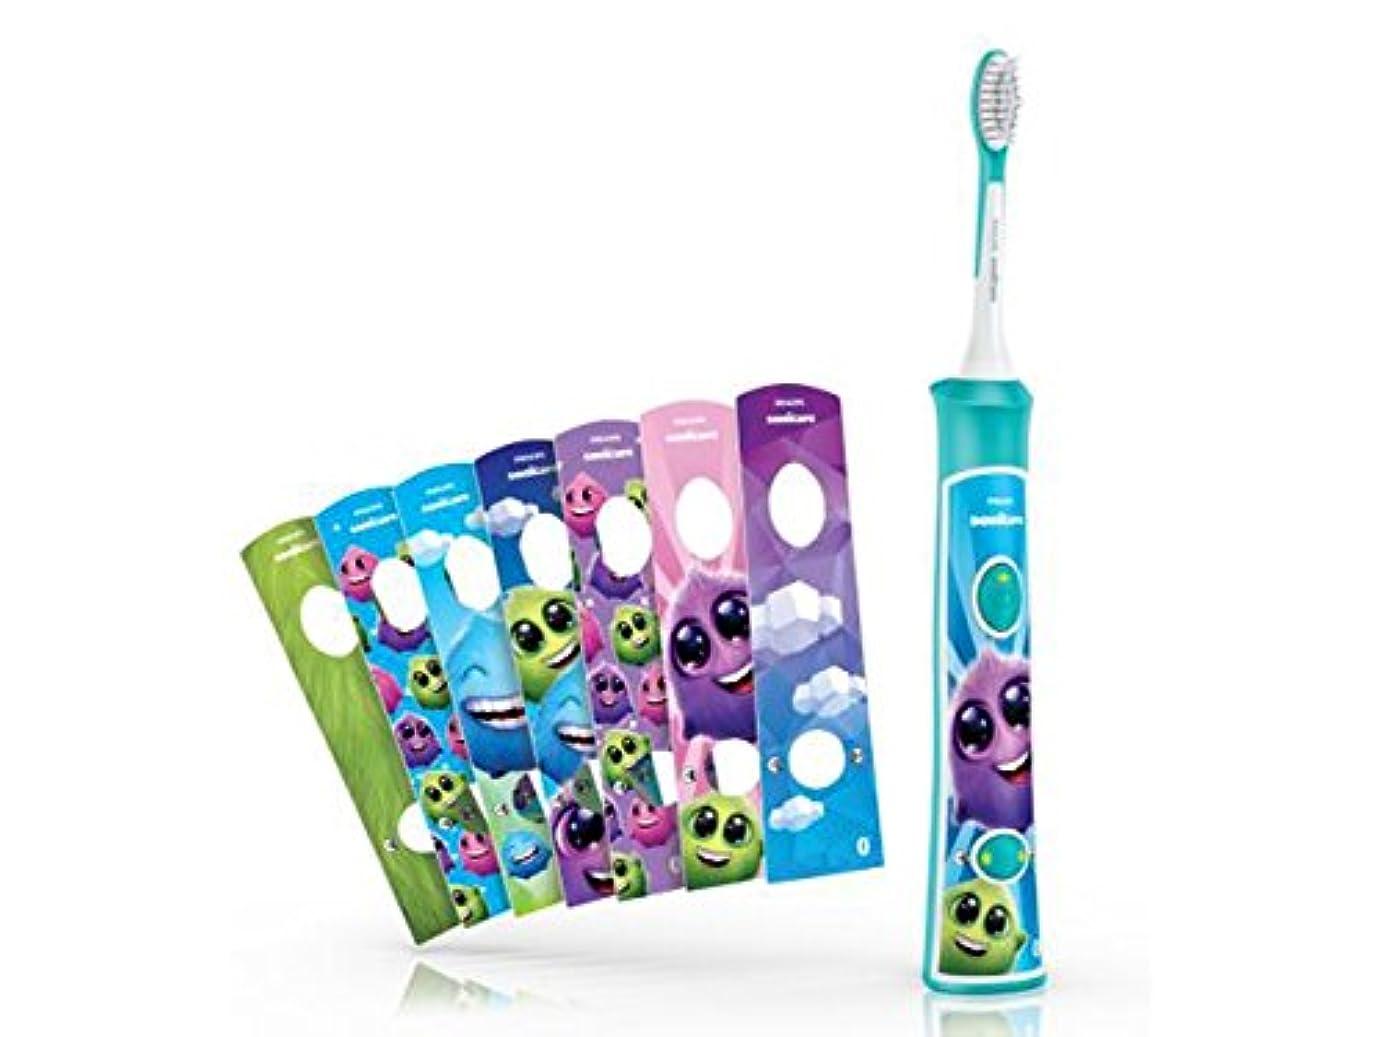 収容する抑圧比較的フィリップス ソニッケアー キッズ こども用電動歯ブラシ アプリ連動 HX6321/03